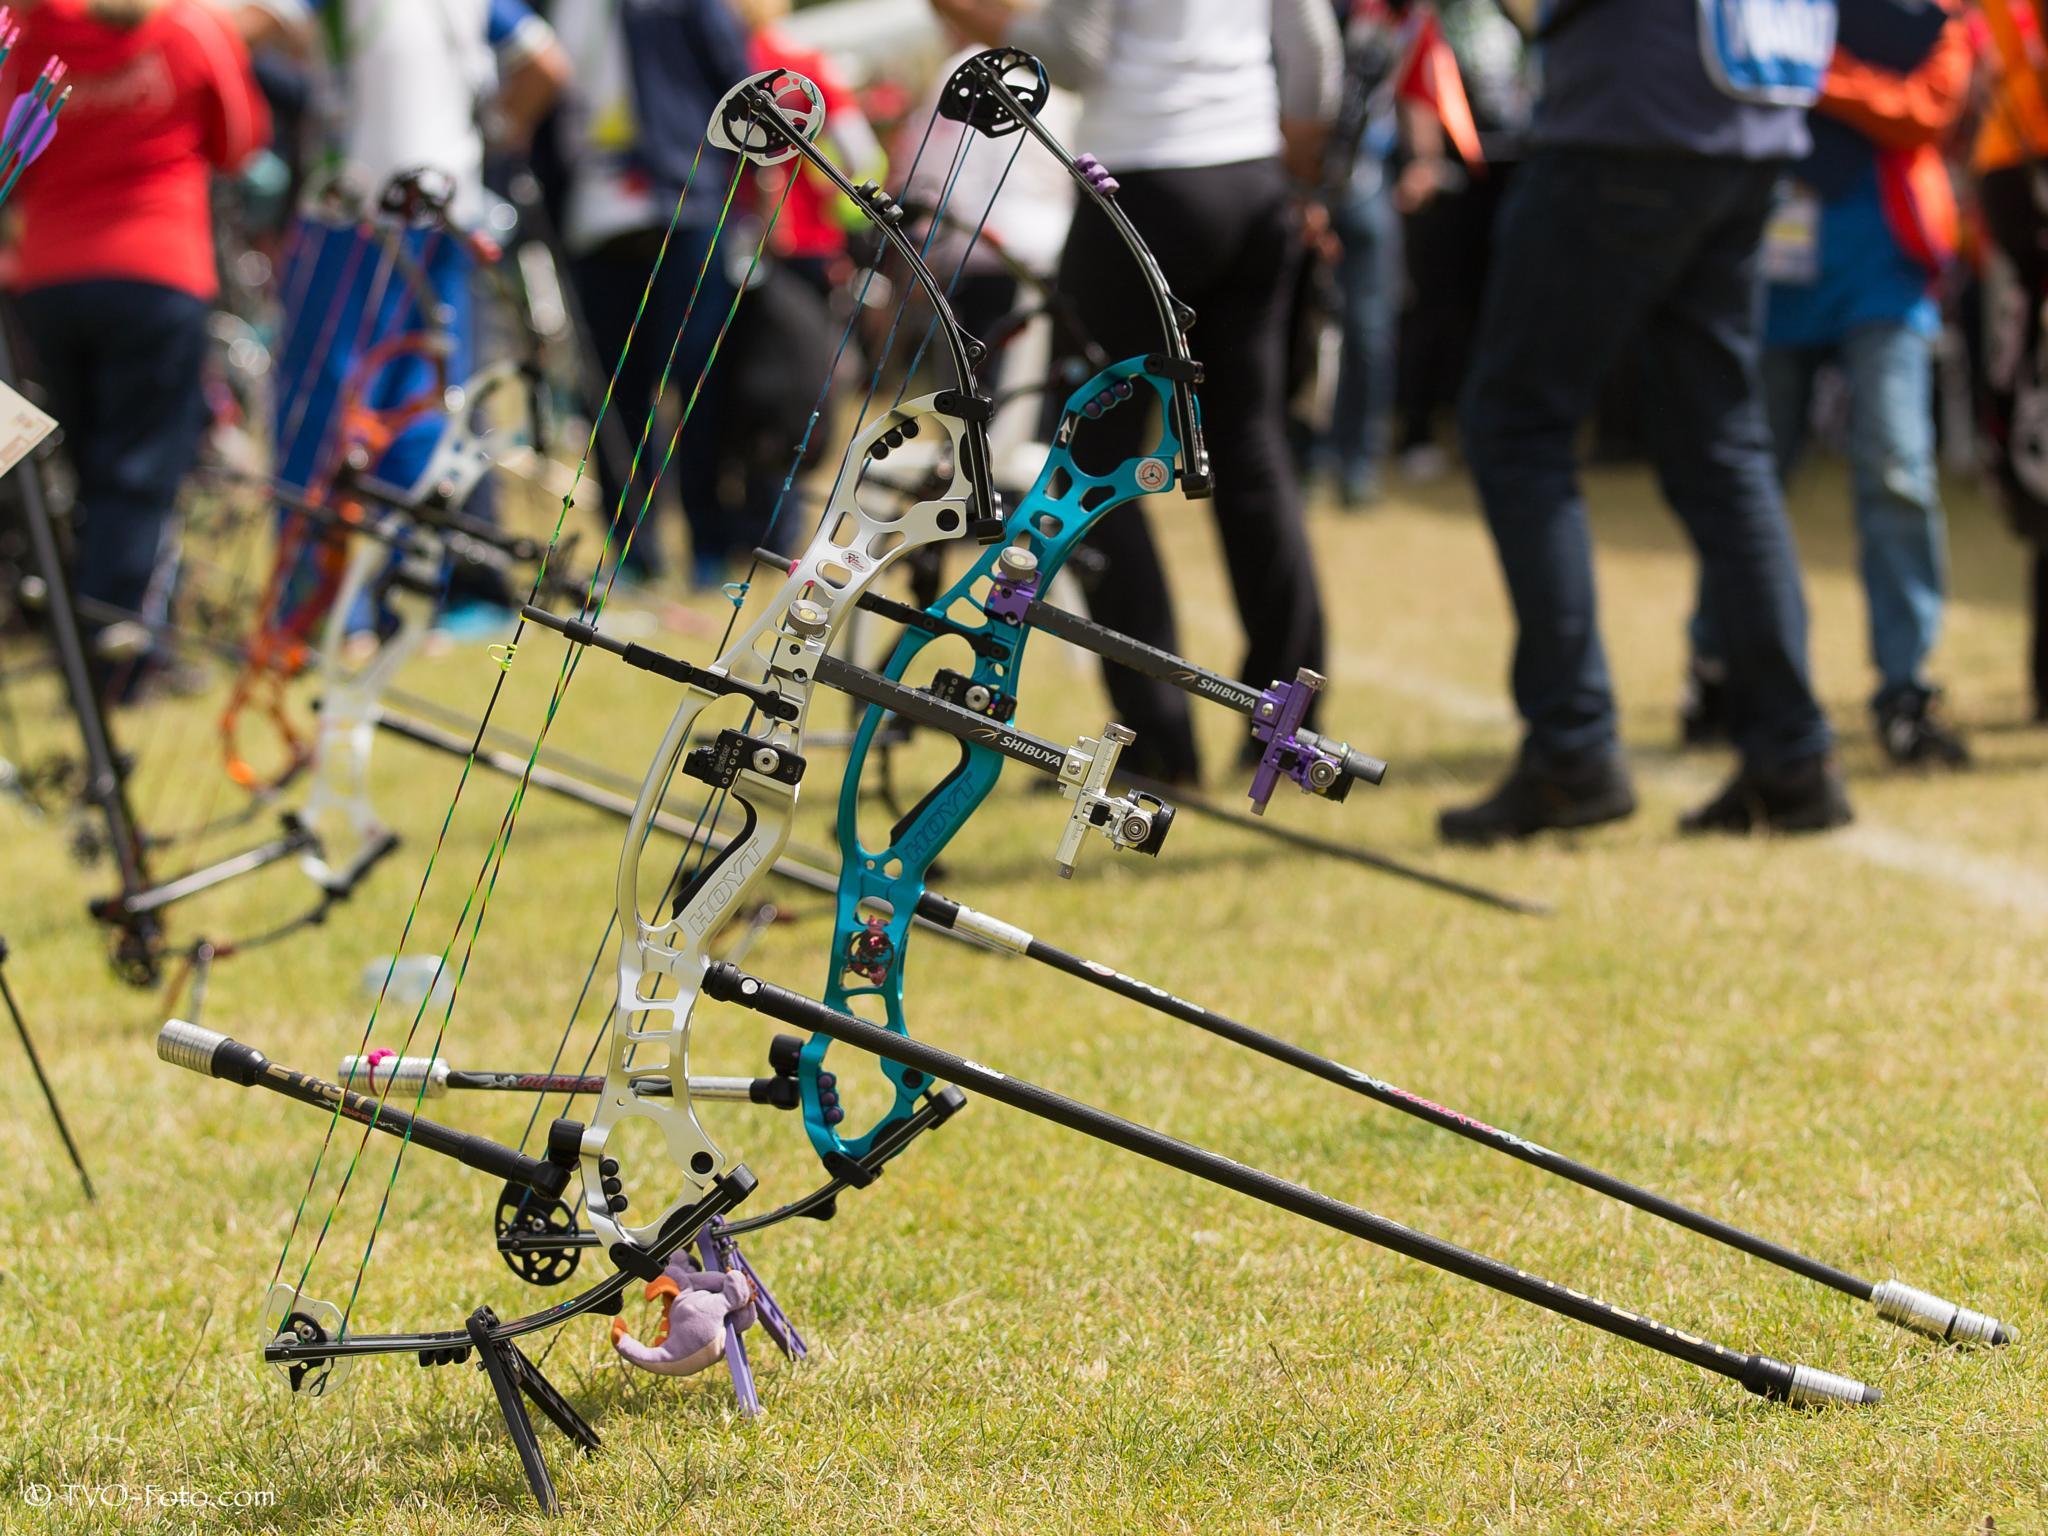 Copenhagen 2015 World Archery Championships by Thomas V. Olesen